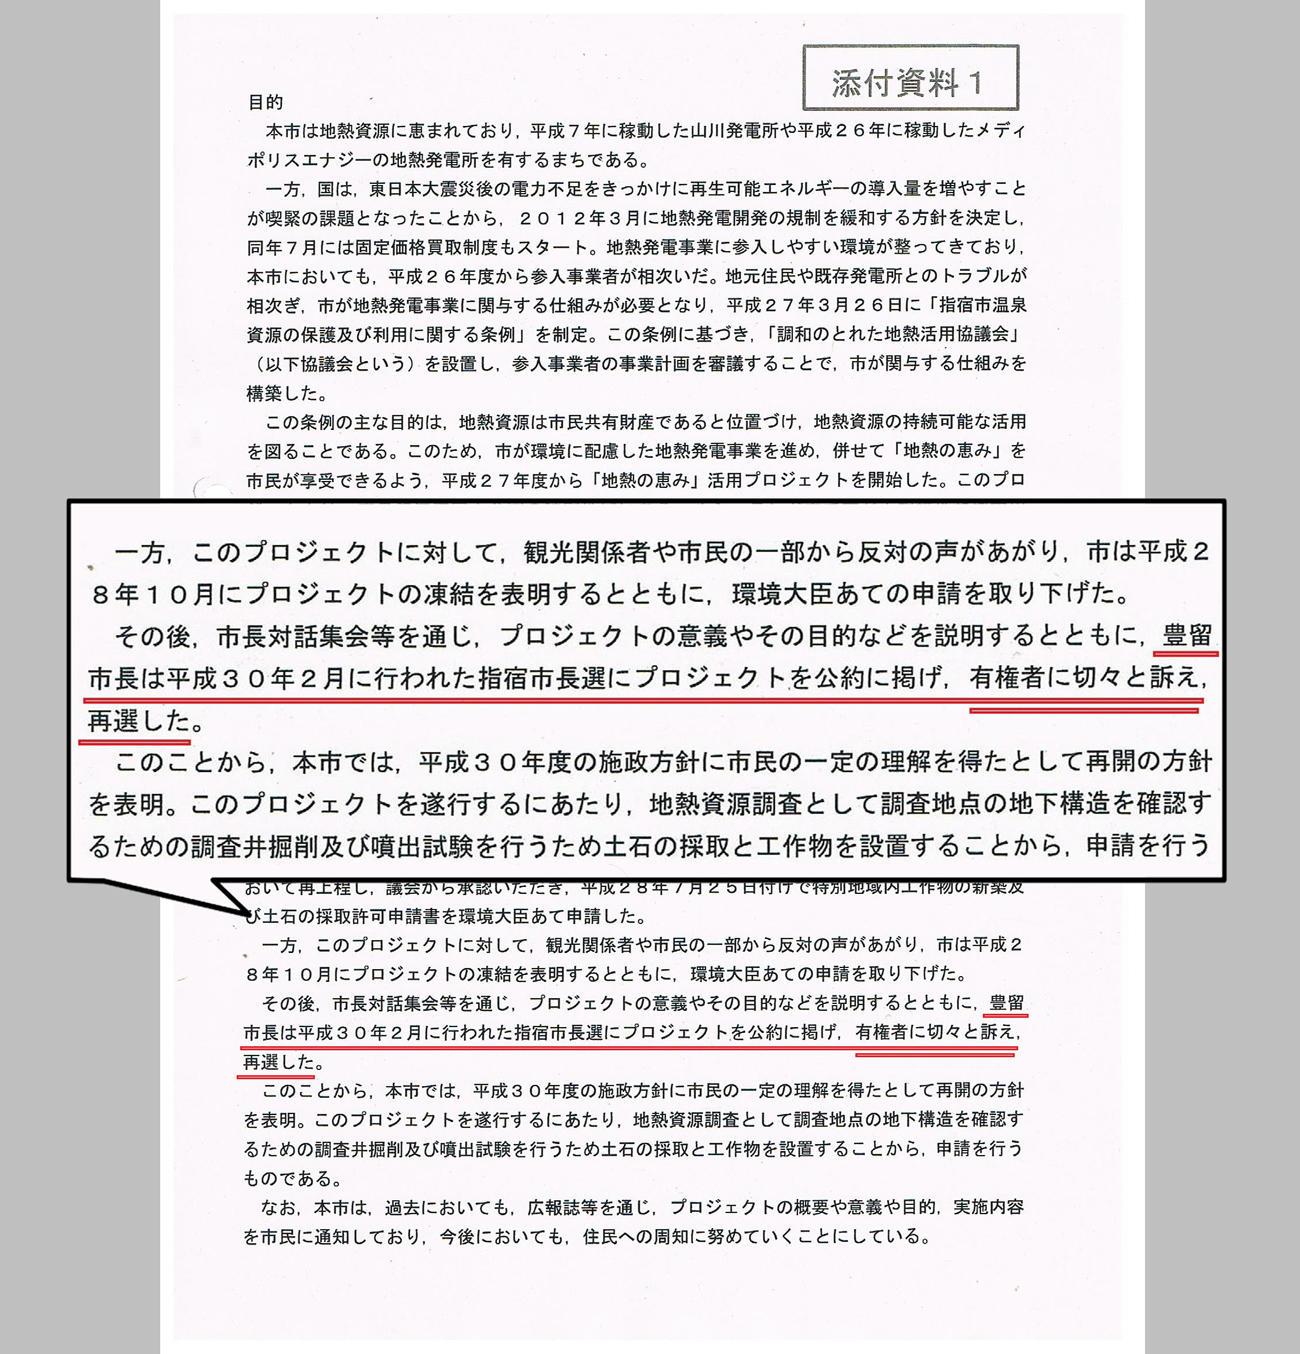 http://hunter-investigate.jp/news/mokuteki.jpg